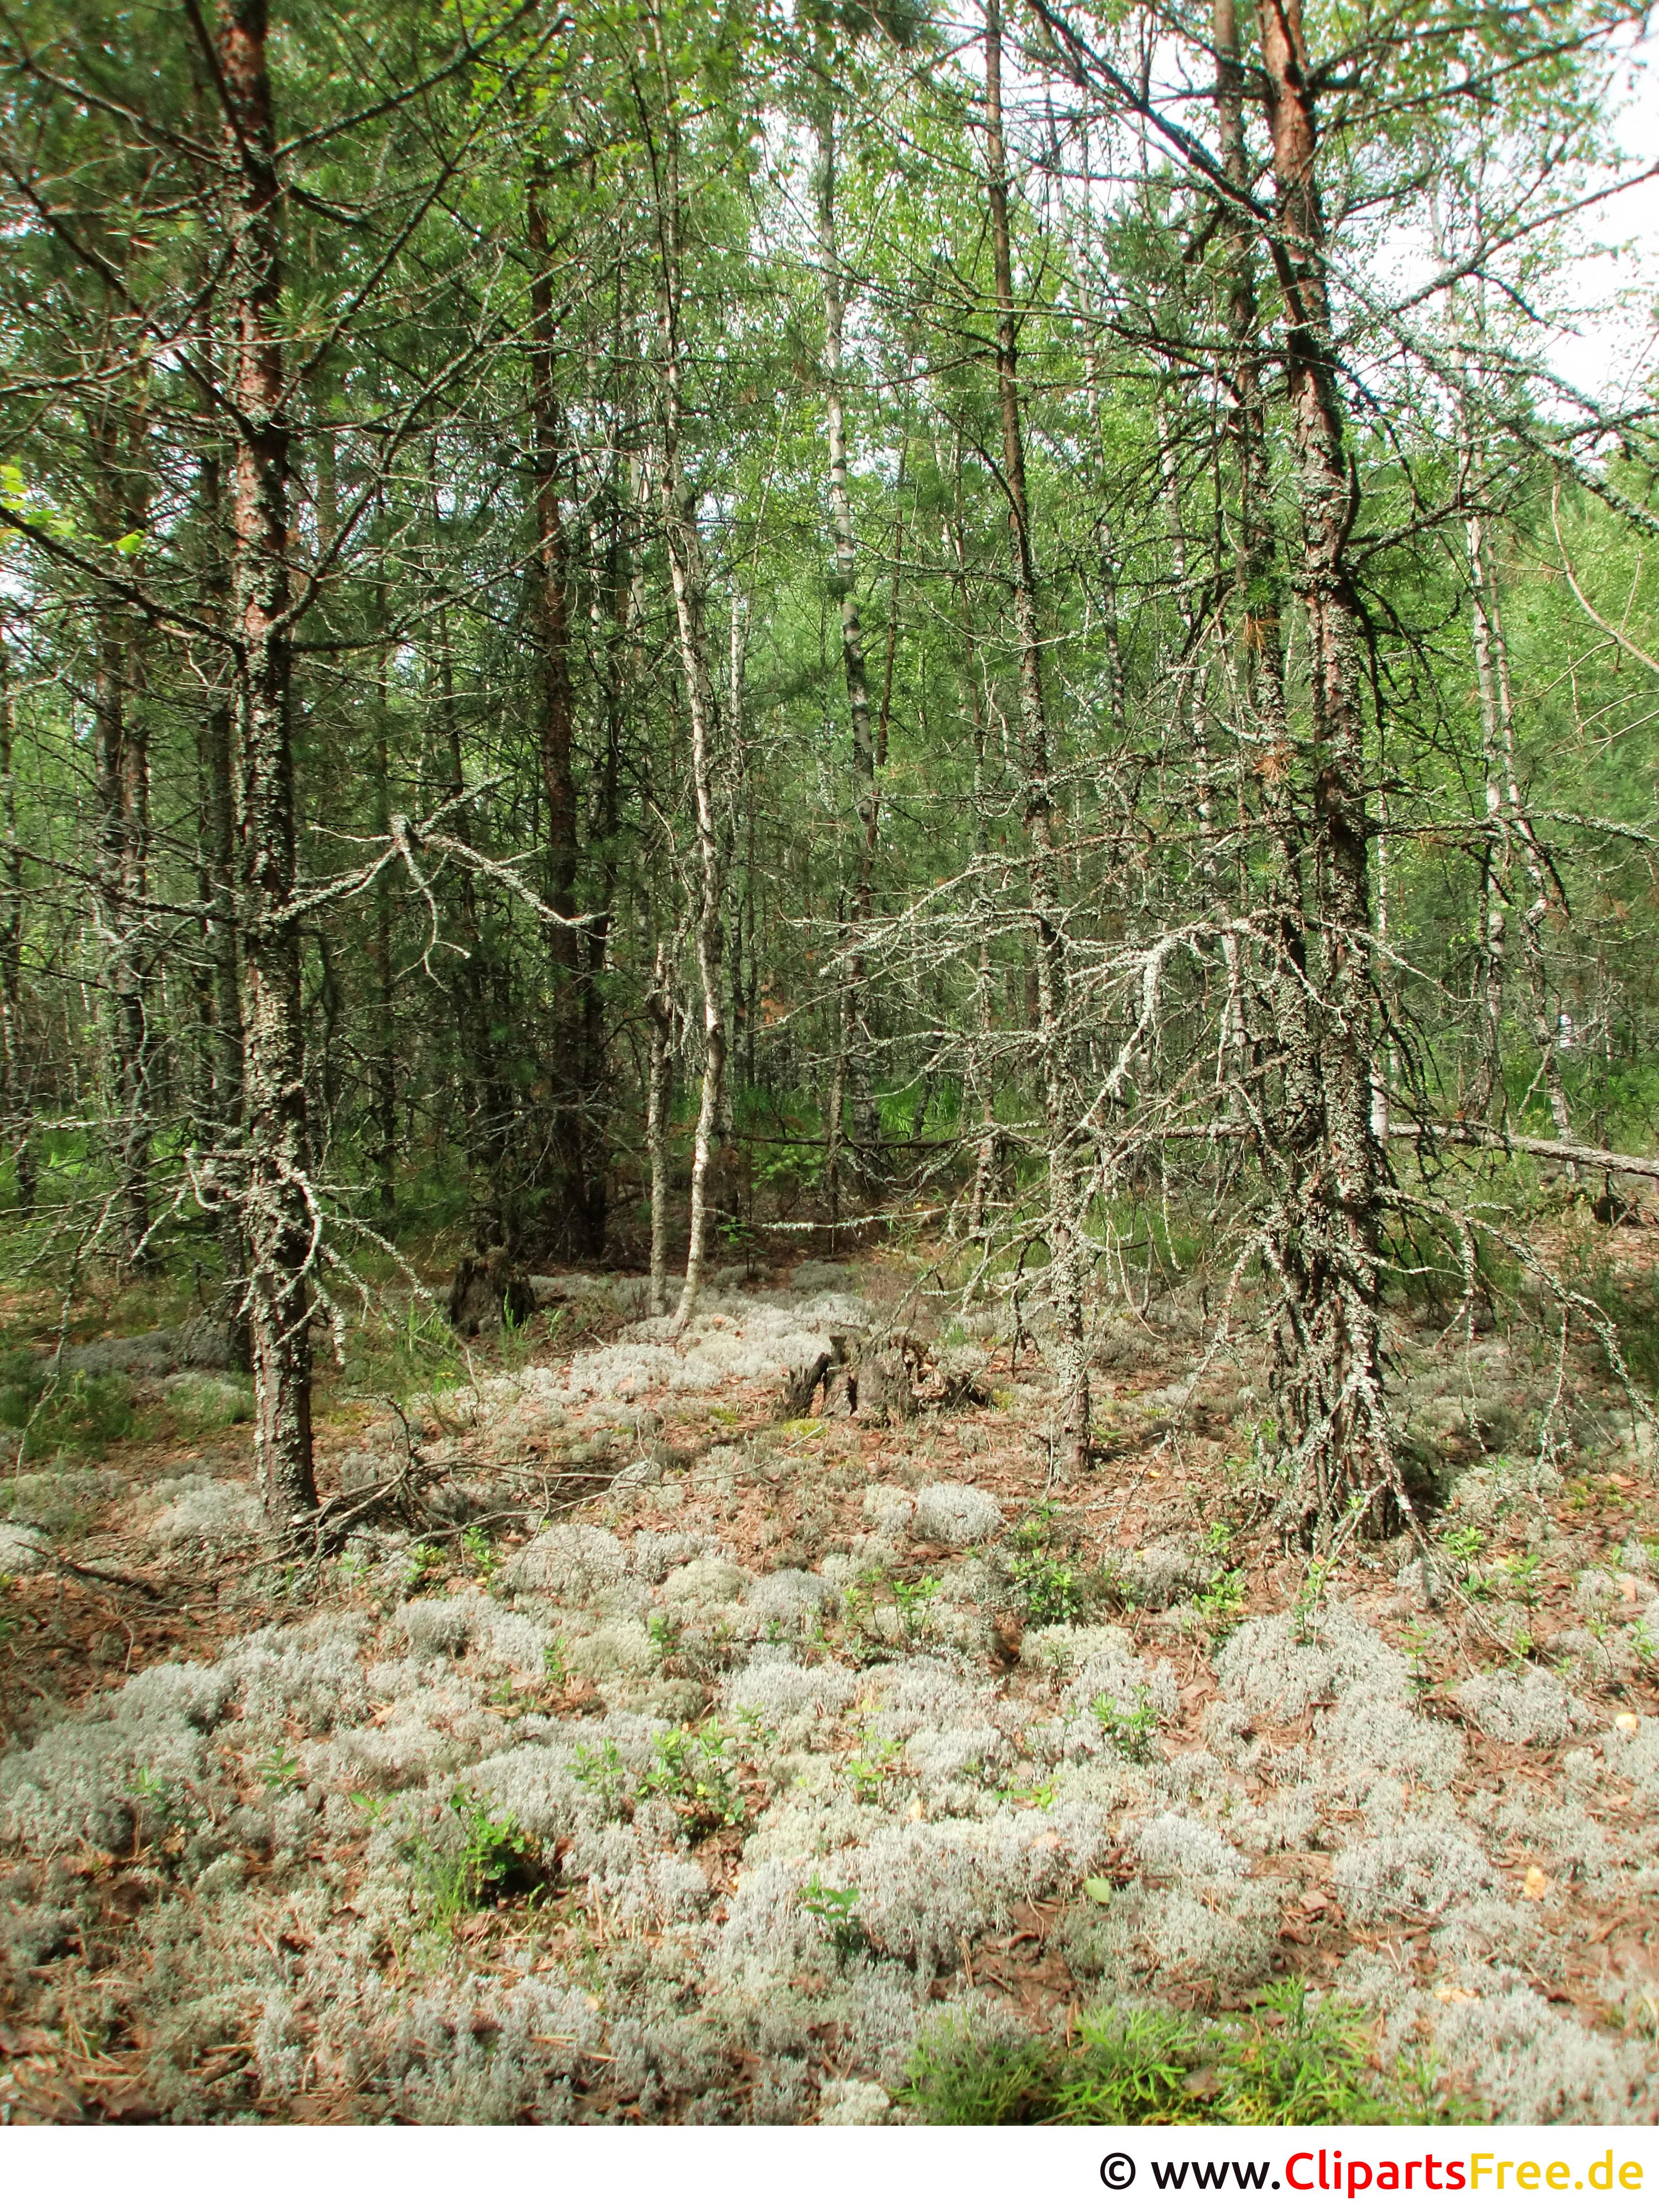 Wald im Sommer im Osteuropa Foto, Bild, Grafik kostenlos